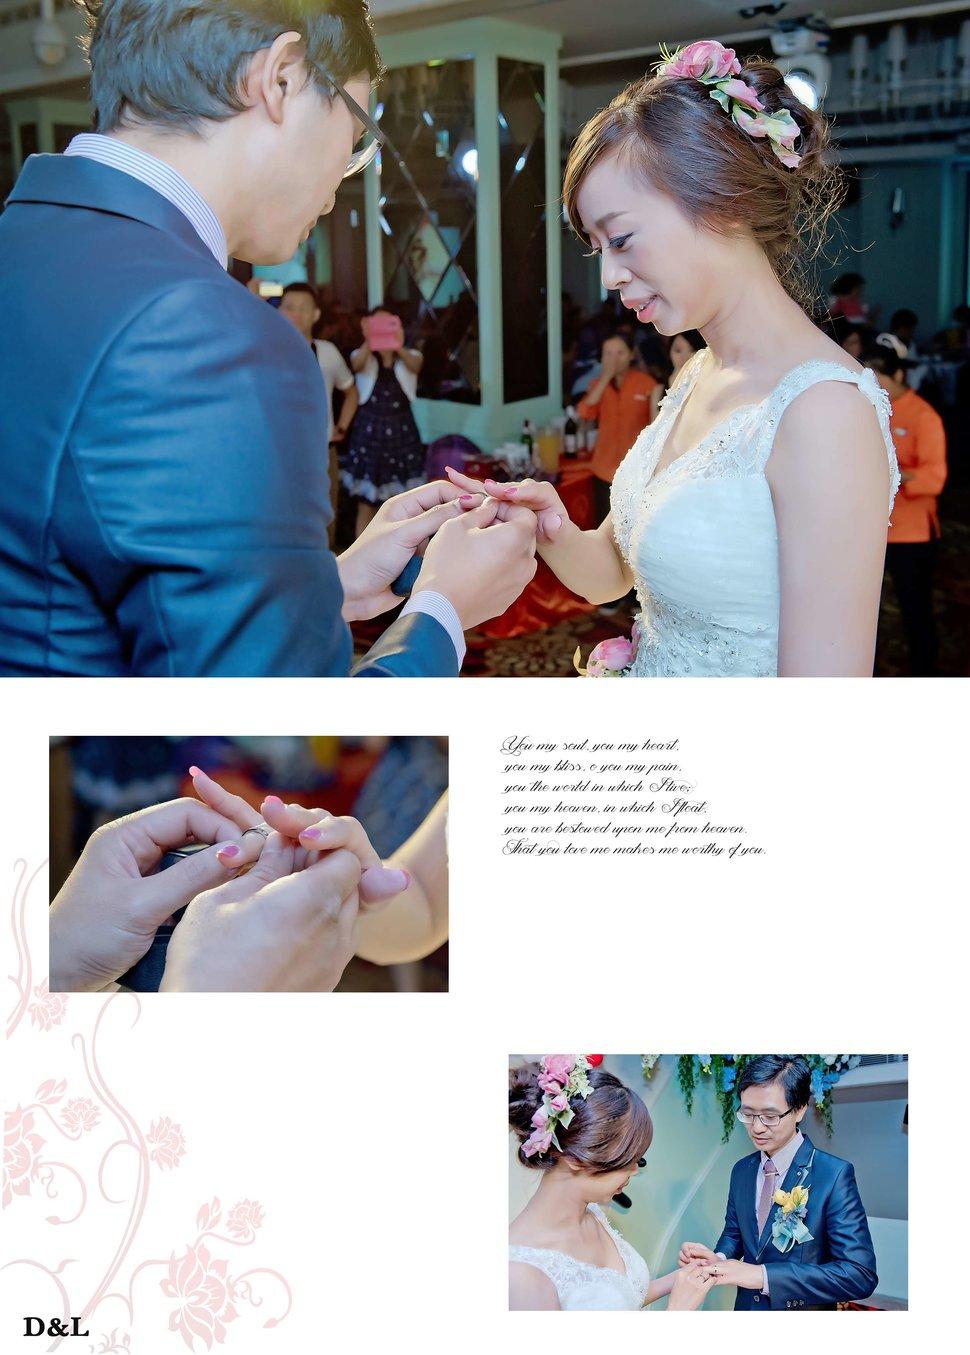 婚禮記錄 維信&佩君(編號:374408) - D&L 婚禮事務-婚紗攝影/婚禮記錄 - 結婚吧一站式婚禮服務平台